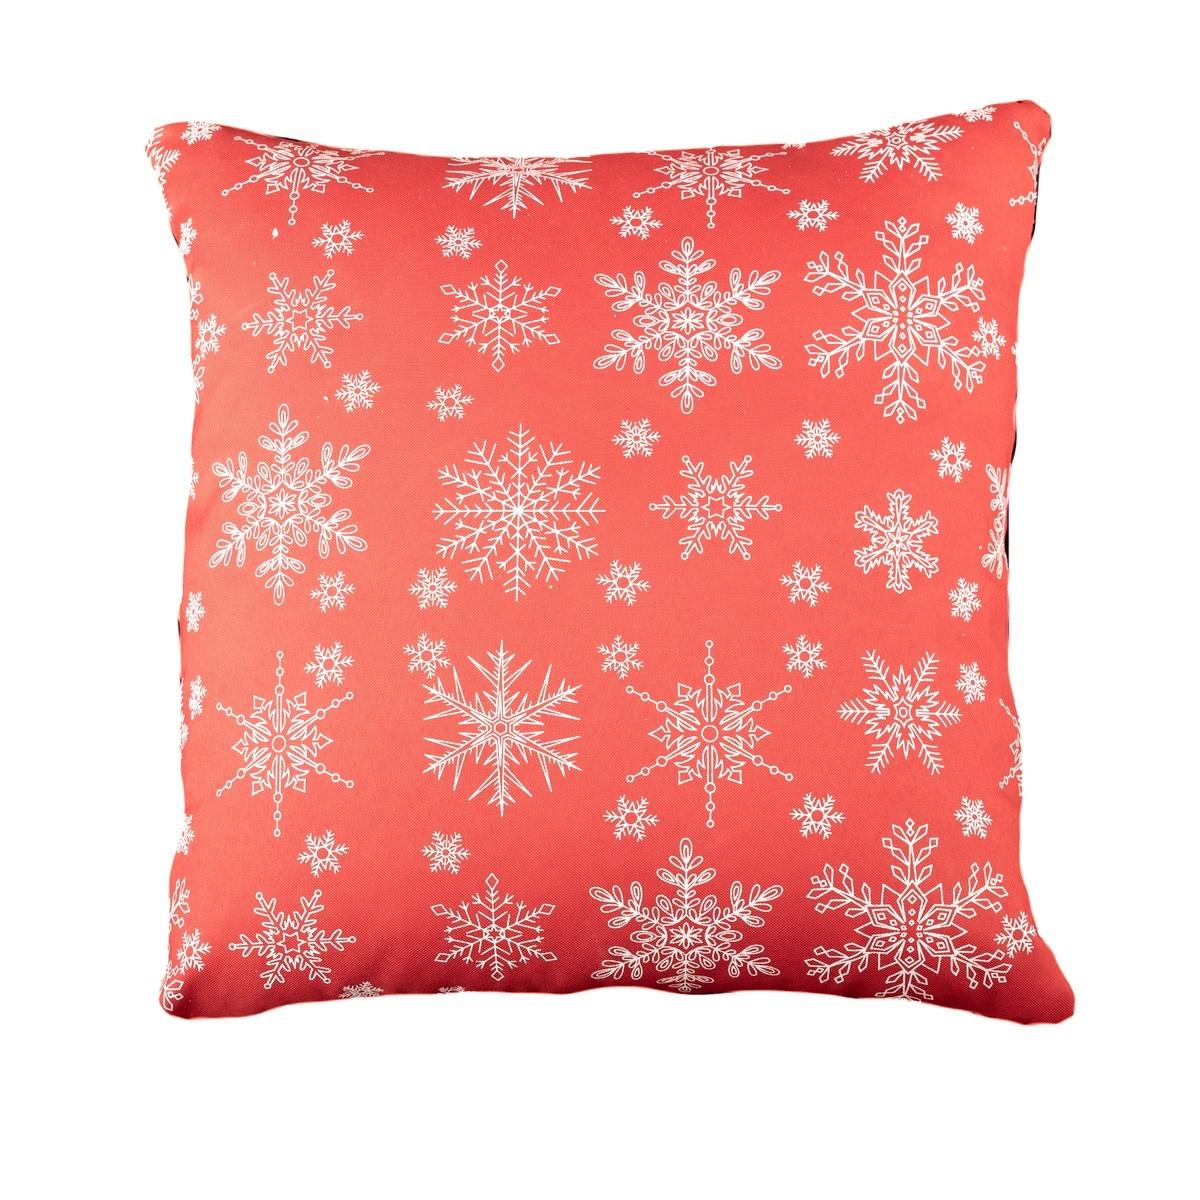 Dakls Vánoční povlak Vločka červená, 40 x 40 cm